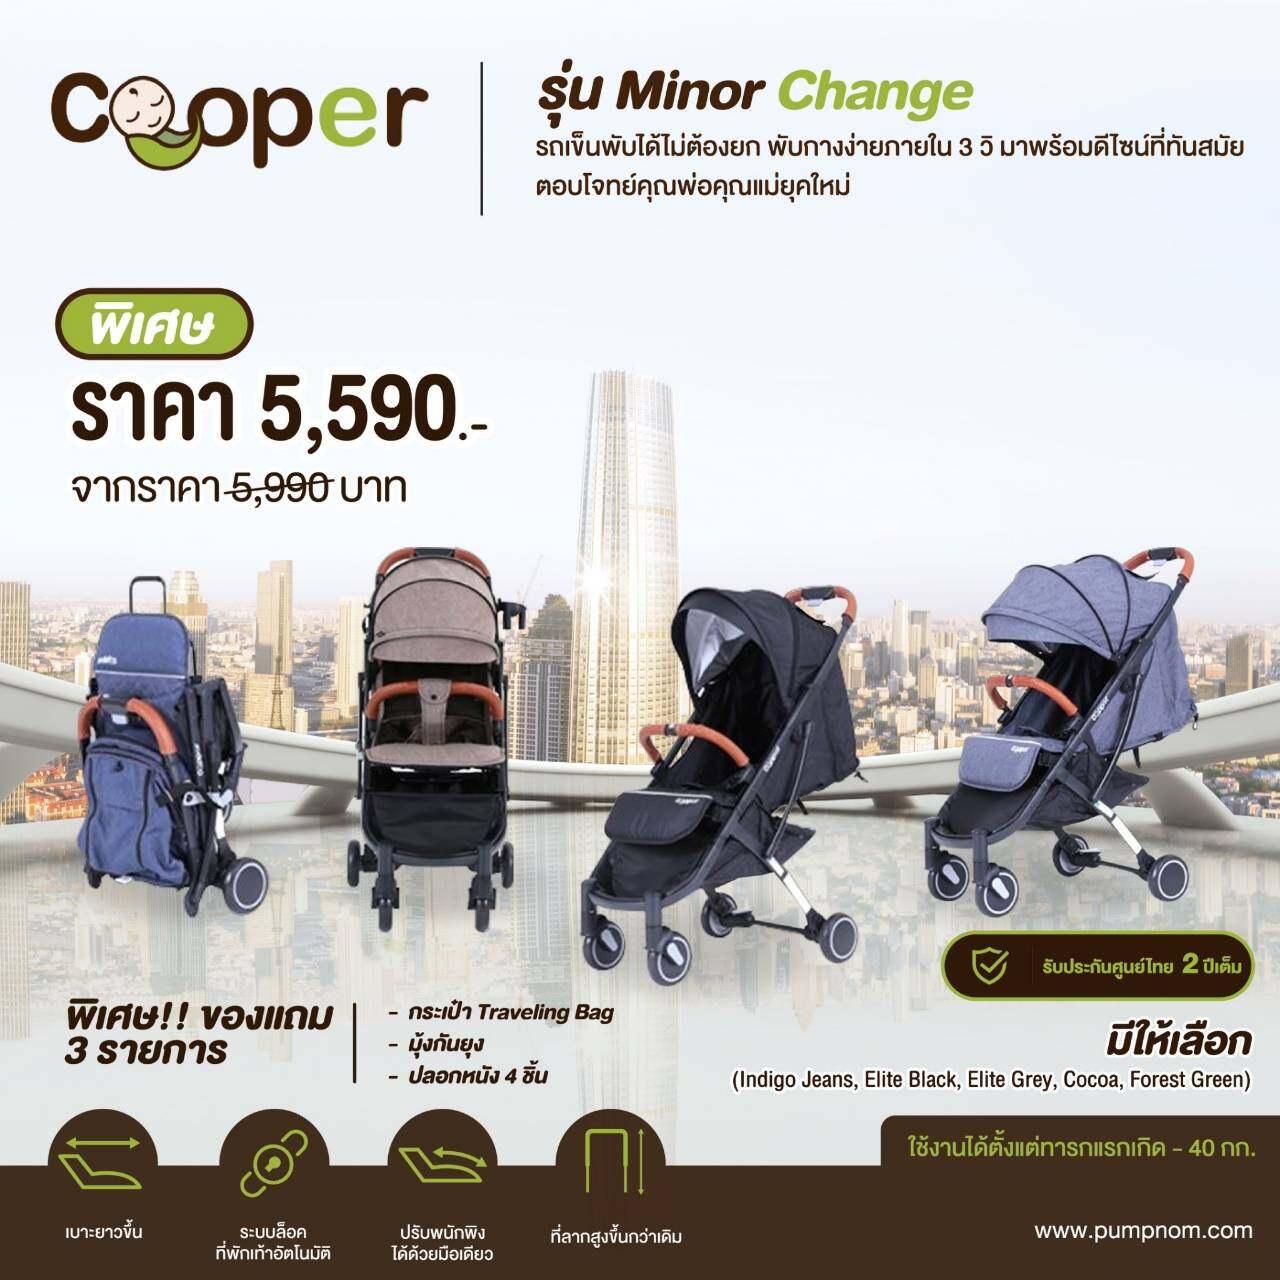 แนะนำ Cooper รถเข็นเด็ก รุ่น classic Minor Change นั่งได้ตั้งแต่แรกเกิด - 40กก. (รับประกันจากศูนย์ไทย 2 ปี)